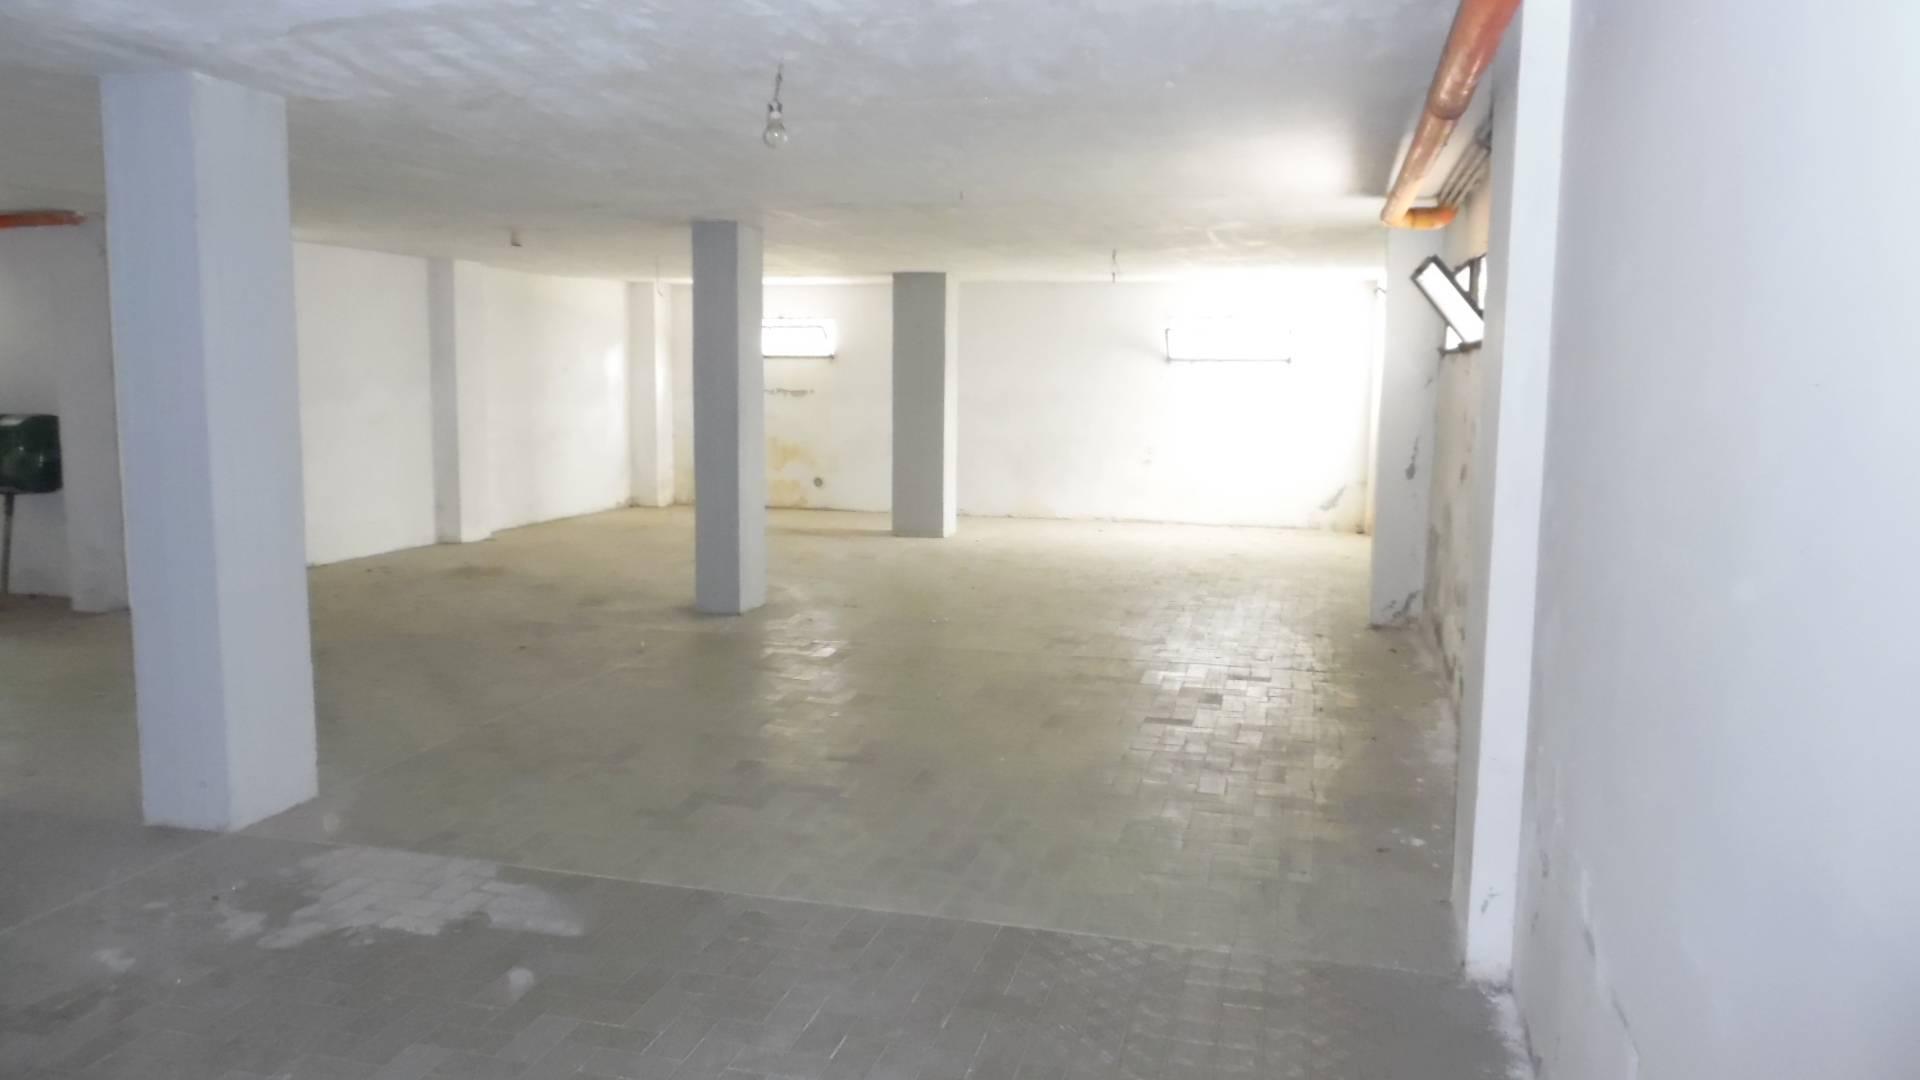 Box / Garage in vendita a San Benedetto del Tronto, 1 locali, zona Località: PortodAscolimare, prezzo € 160.000 | CambioCasa.it